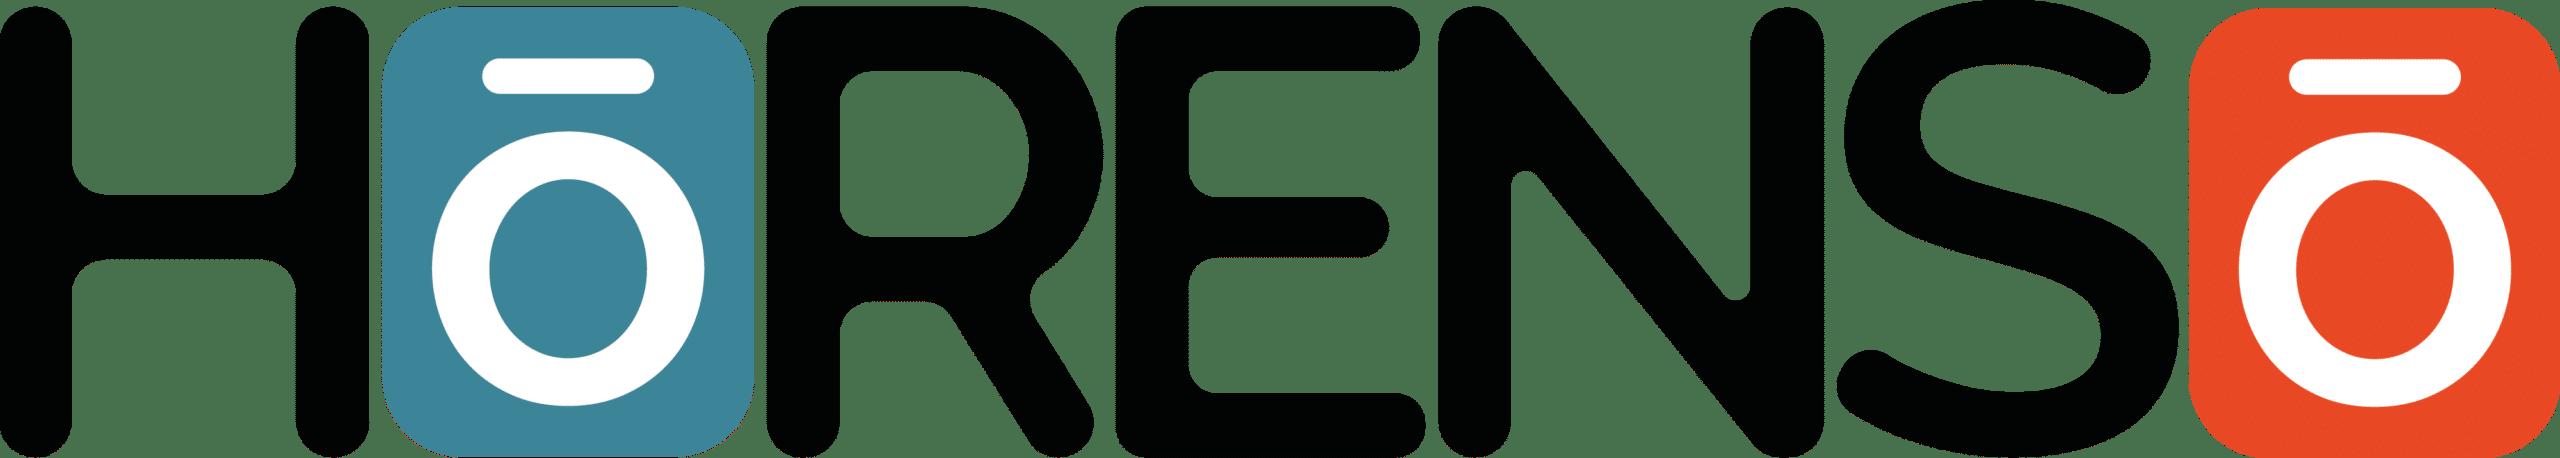 cropped-Logo-Horenso-H